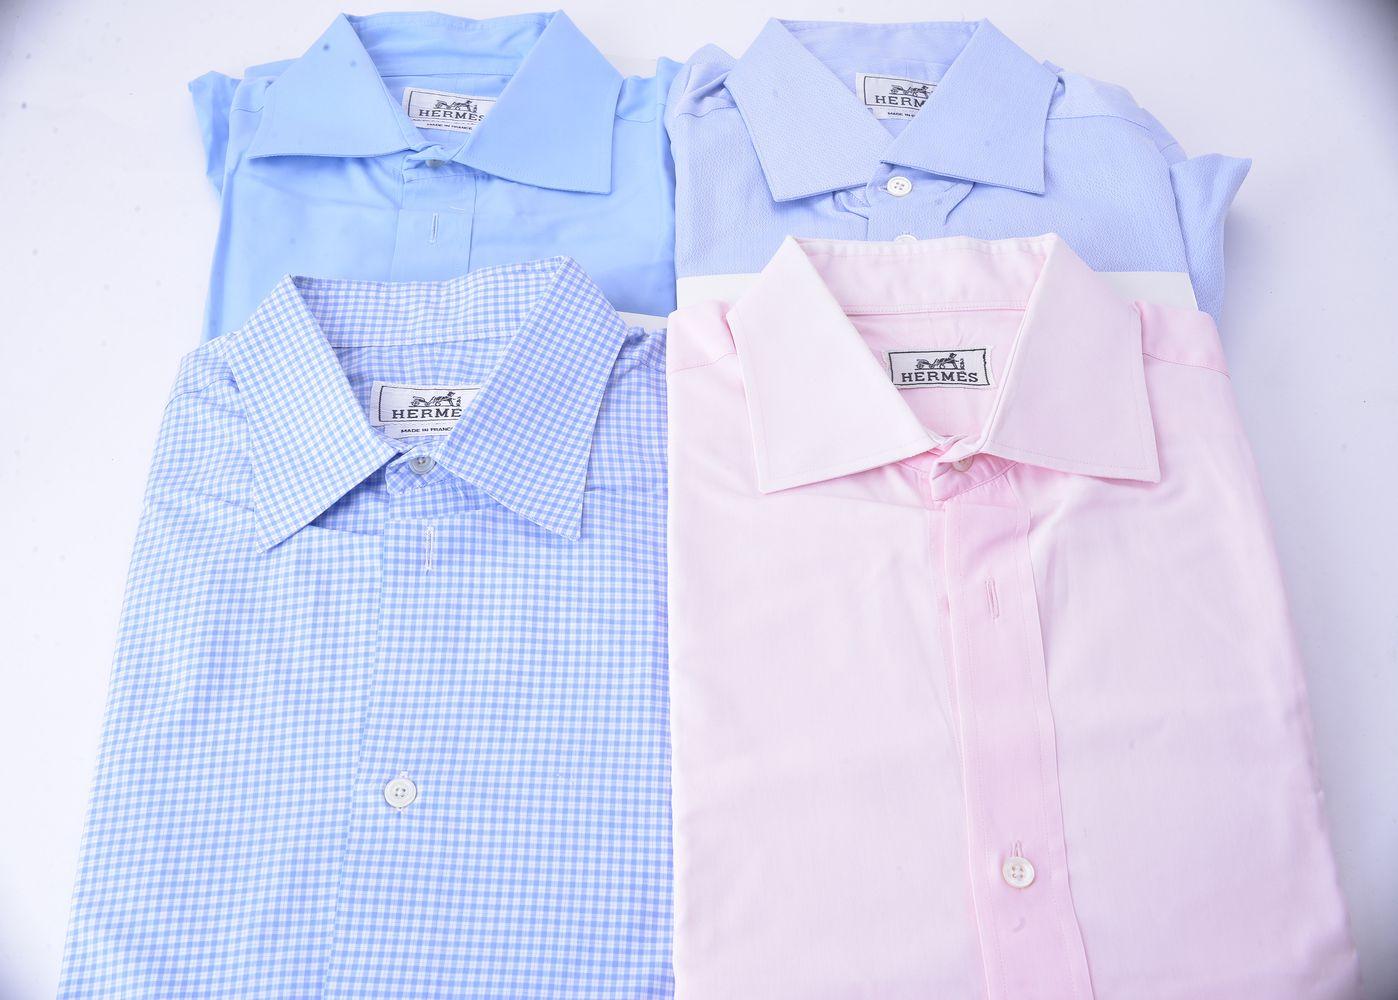 Lot 1105 - Hermes, four cotton shirts